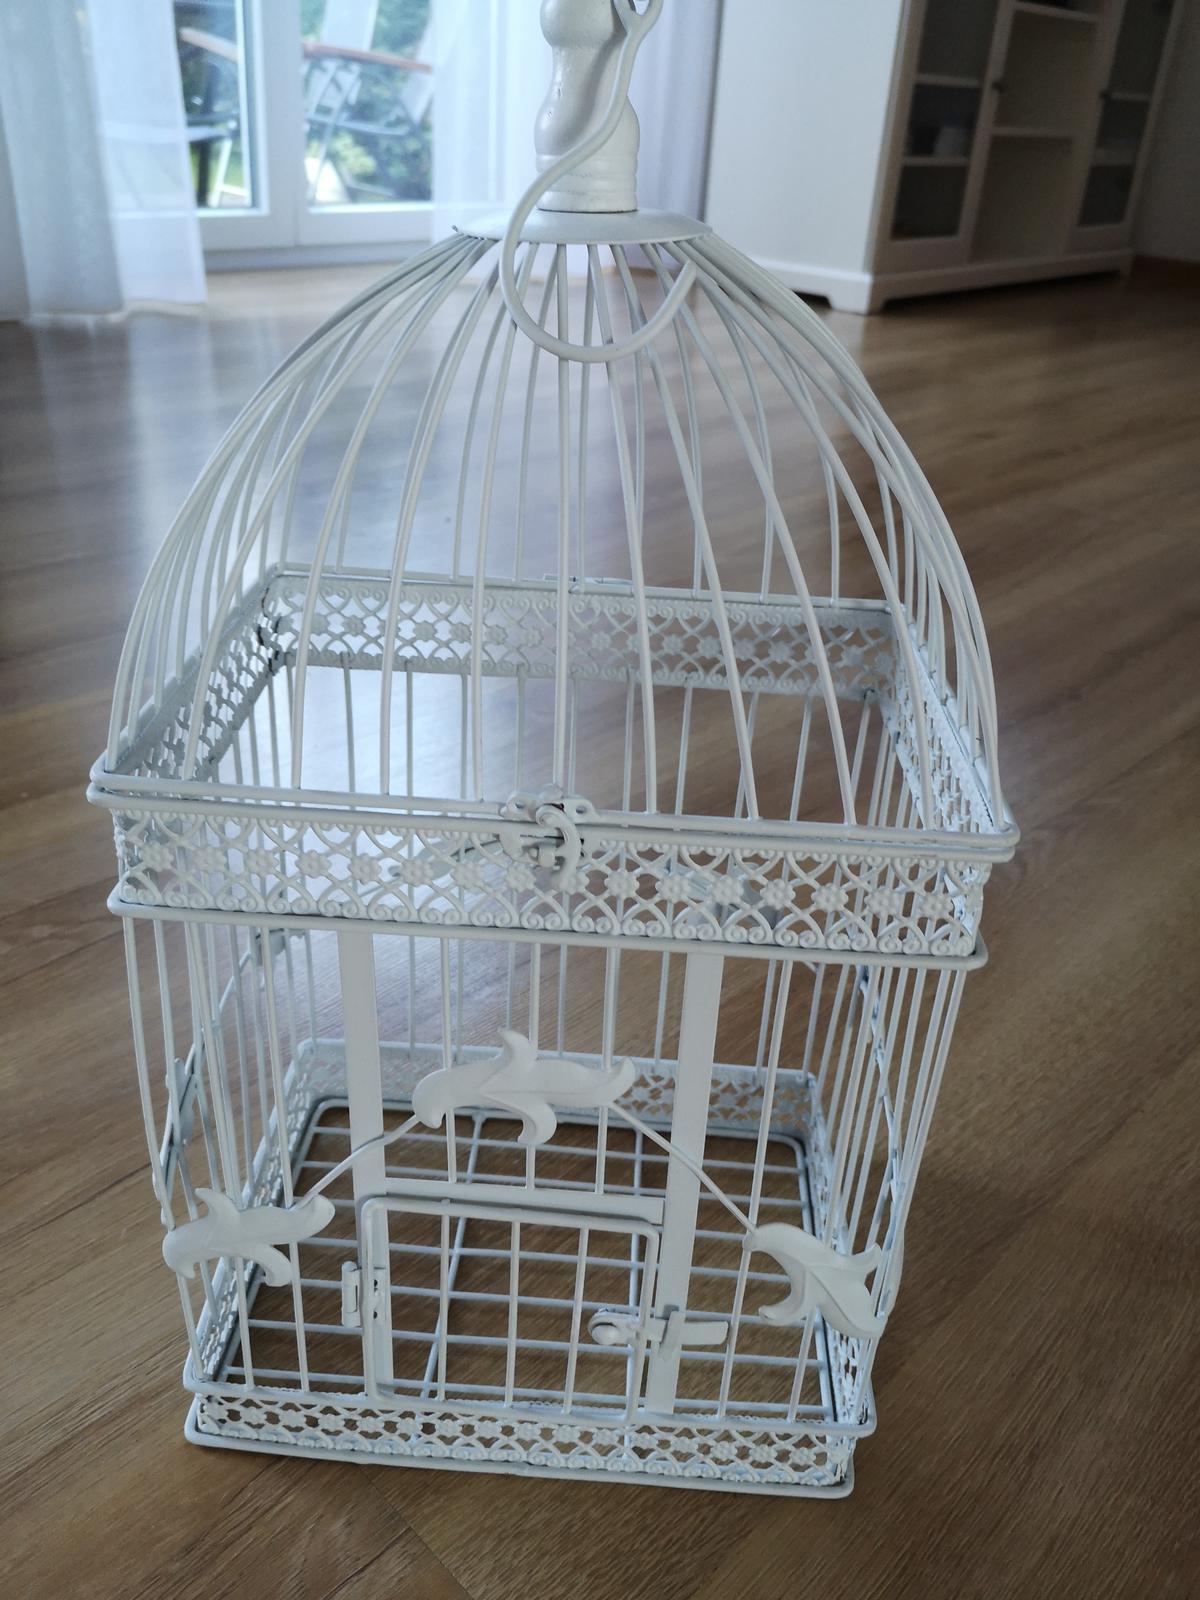 Klietka pre holubice - Obrázok č. 1